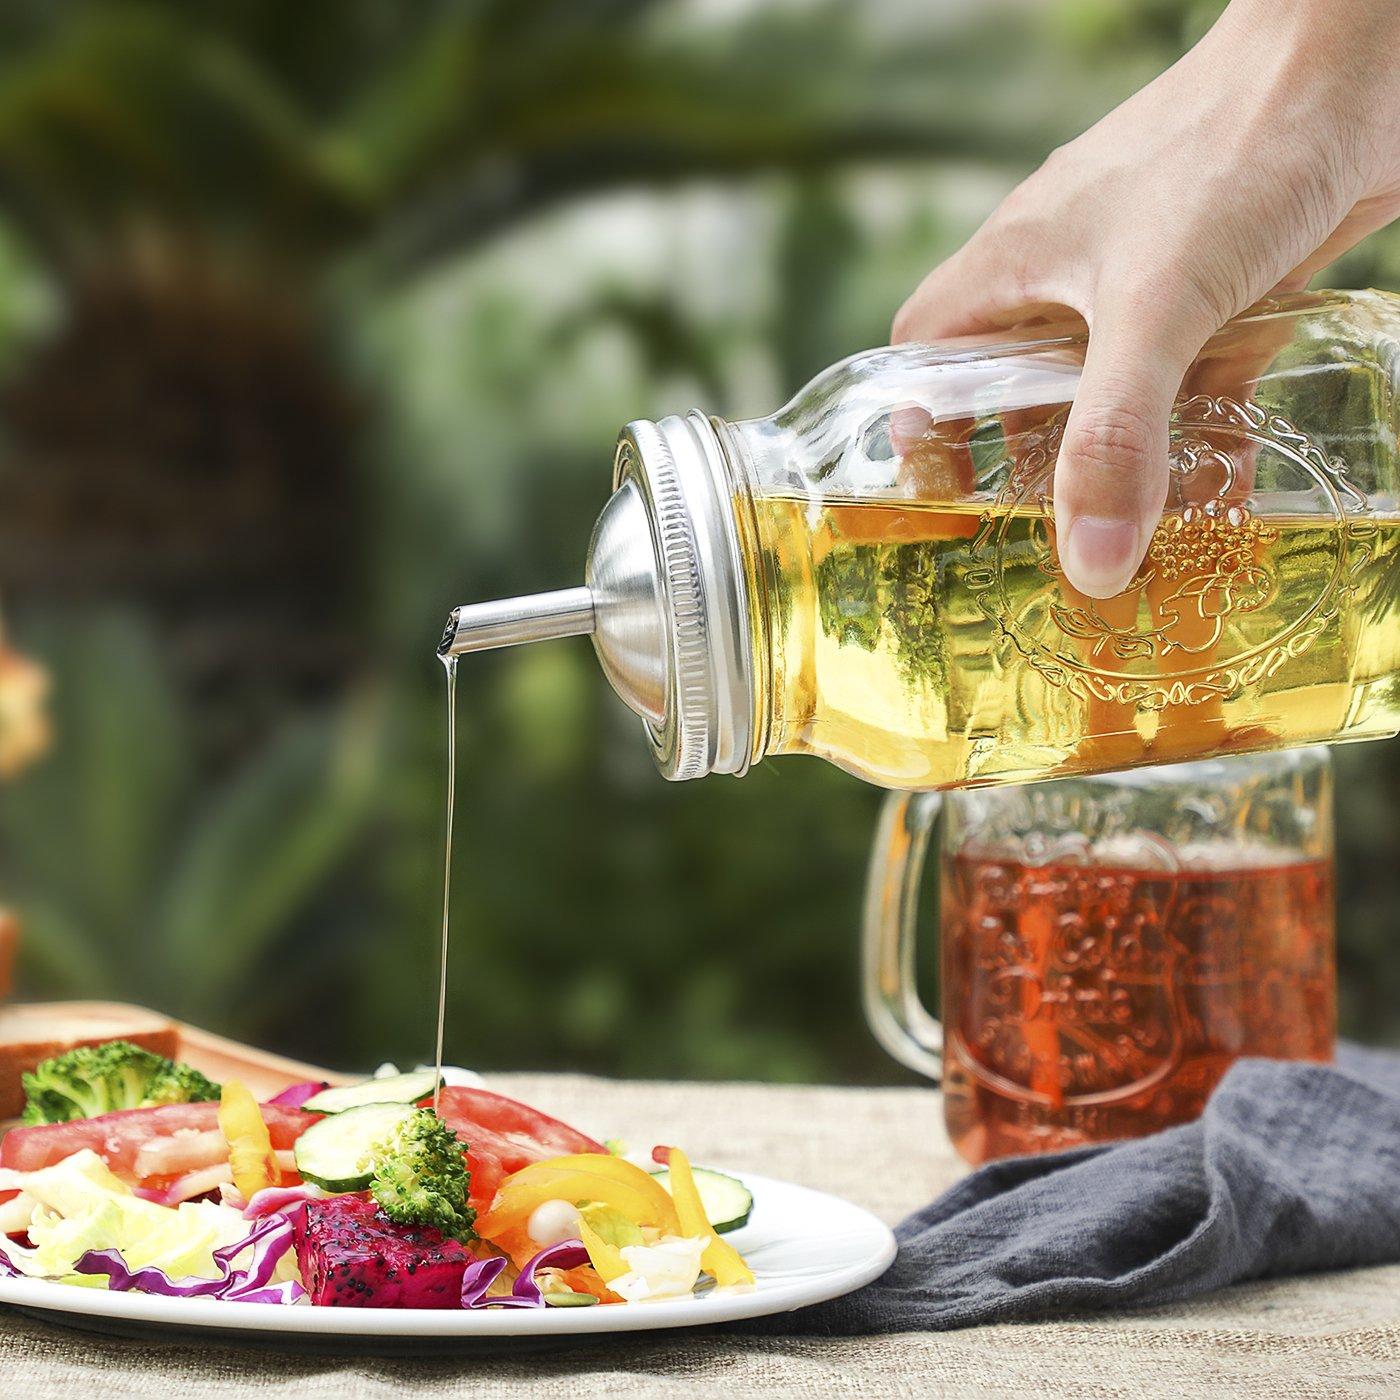 db35b955ff60 Aozita Mason Jar lids Pour Spout with Caps for Olive Oil Dispenser ...